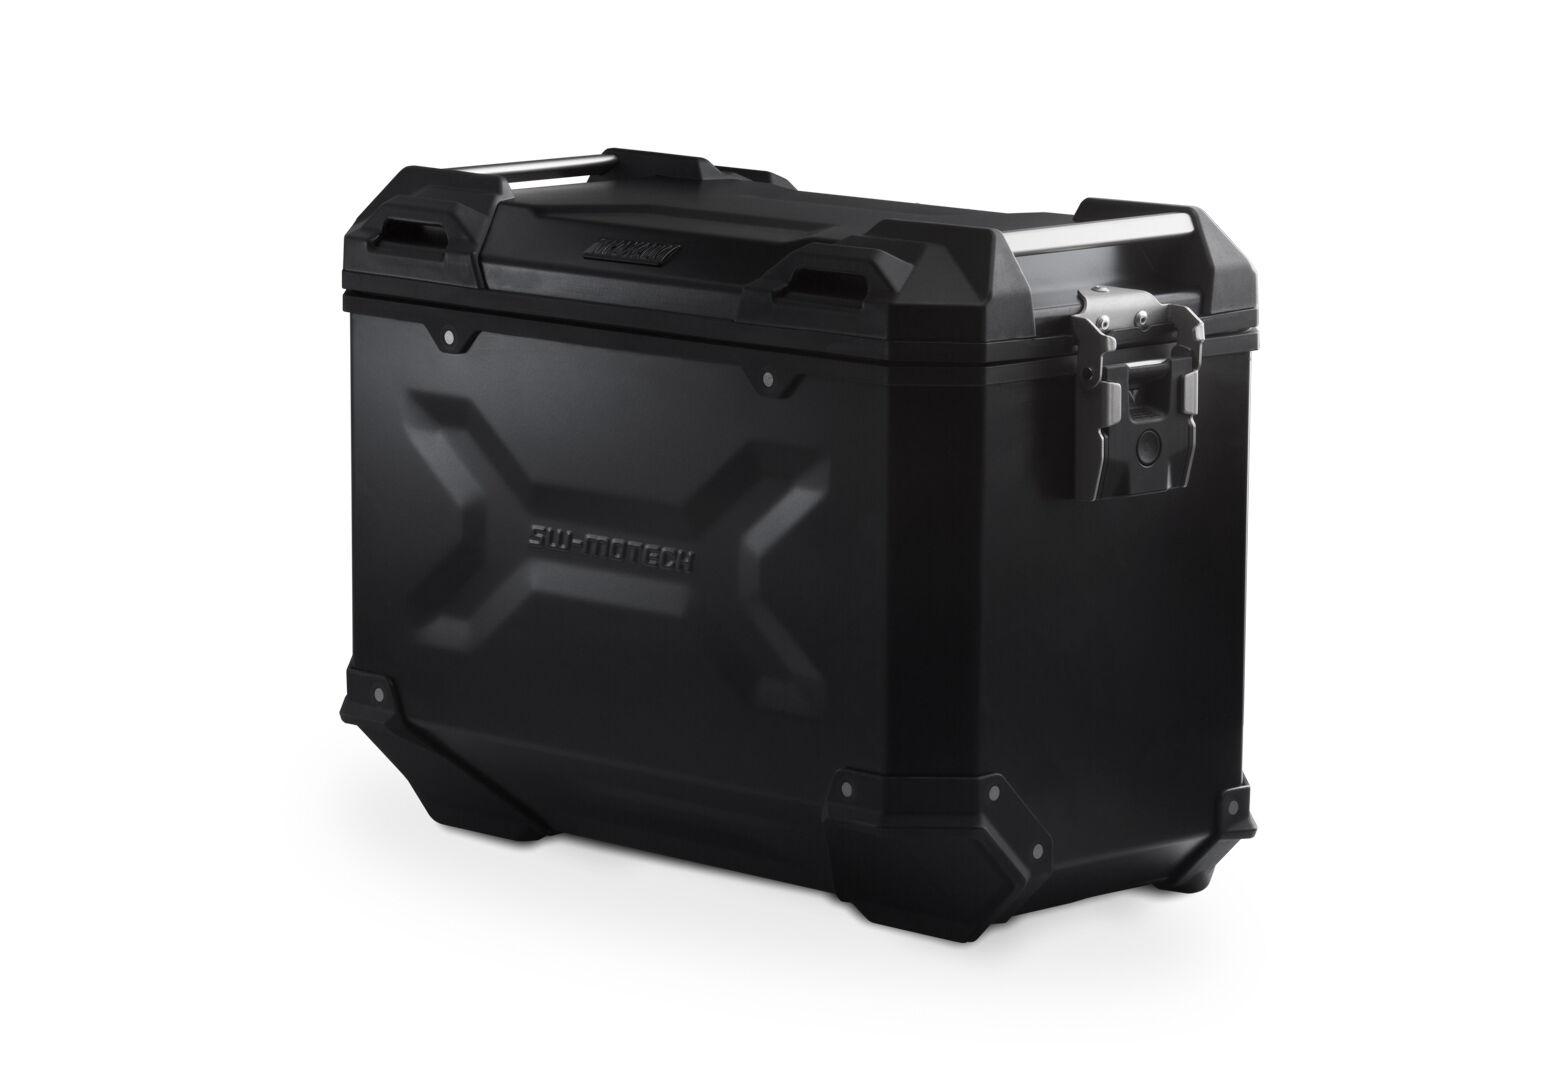 SW-Motech Maleta (Caja) de alumino TRAX ADV L - 45 l. Derecho. Negro.